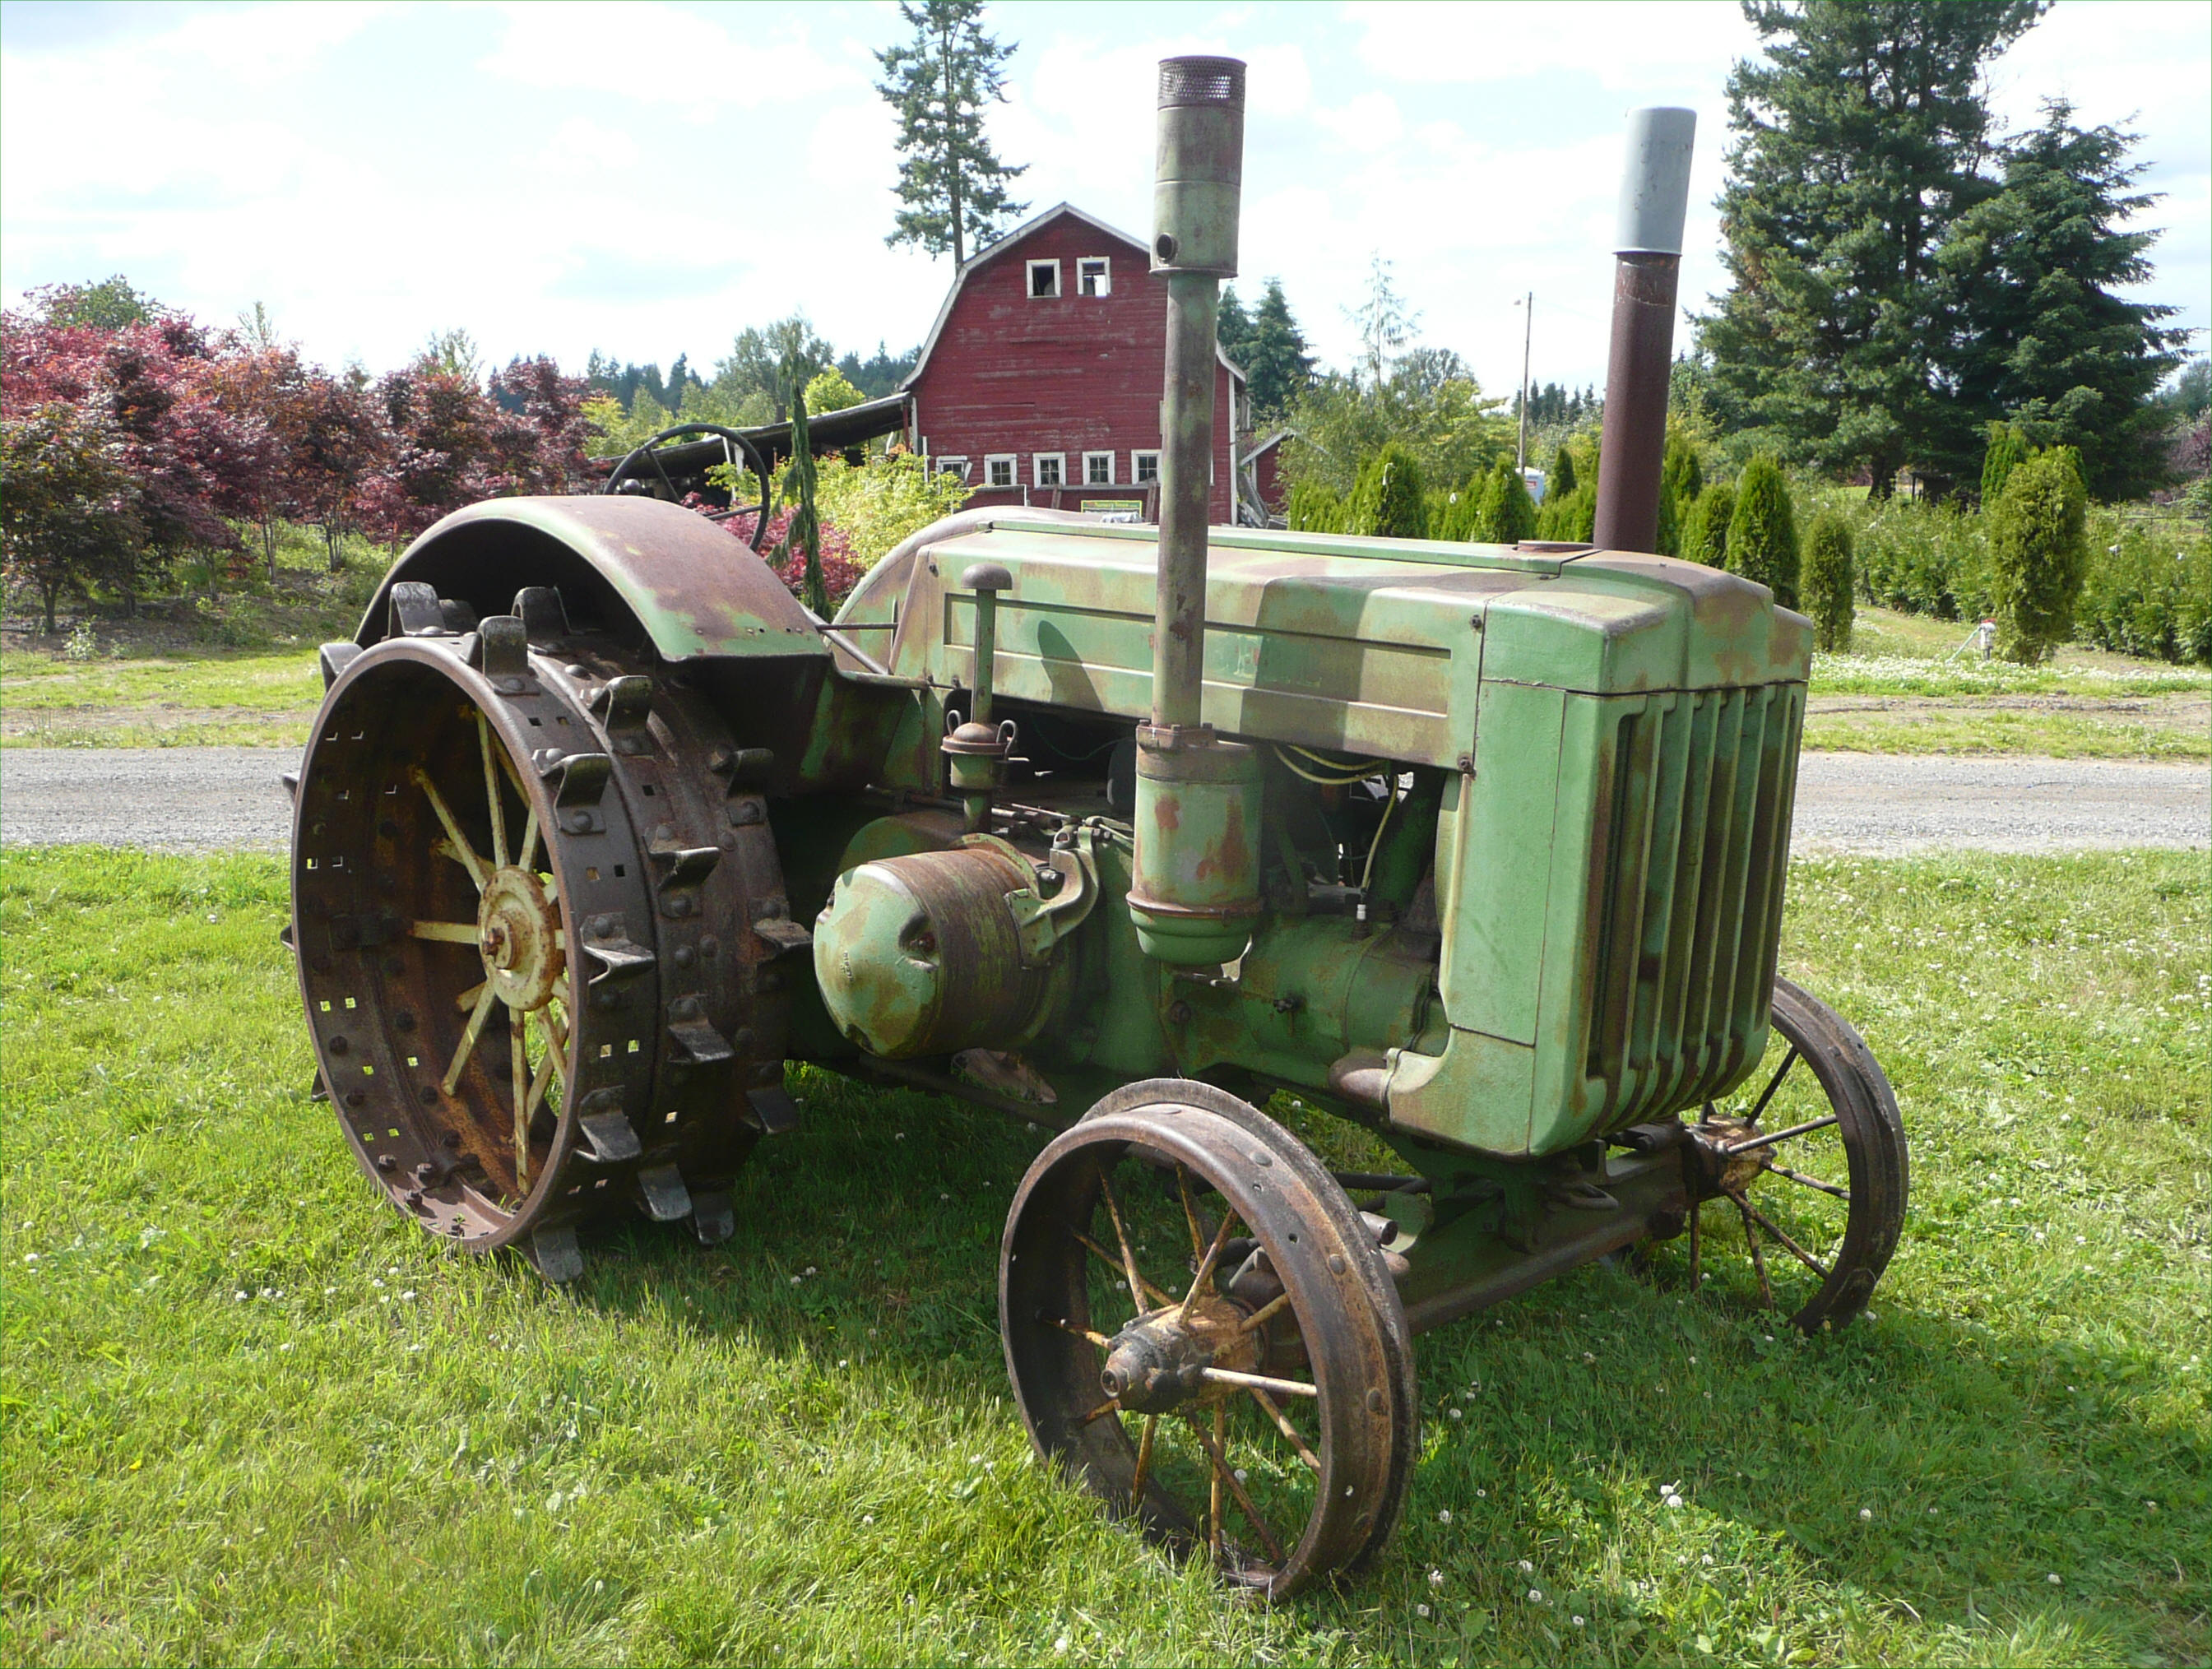 The Oldest John Deere : John deere model d tractor